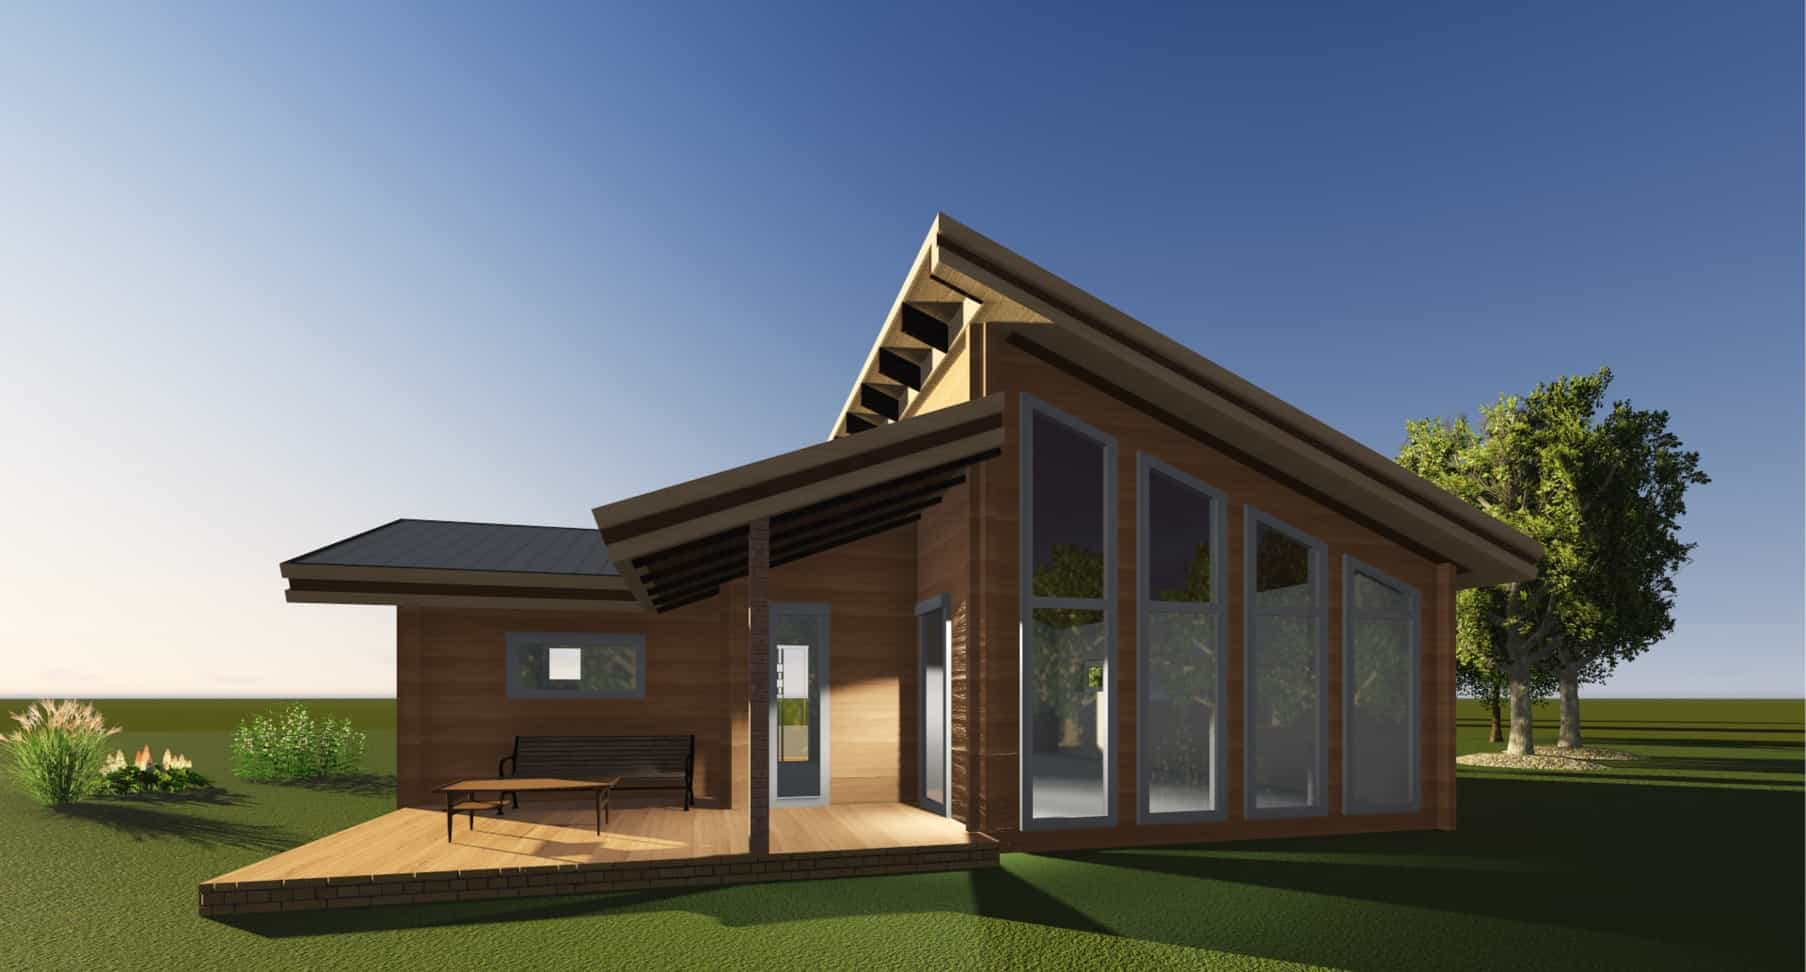 sketchup 3d modelling architecture design alt house. Black Bedroom Furniture Sets. Home Design Ideas